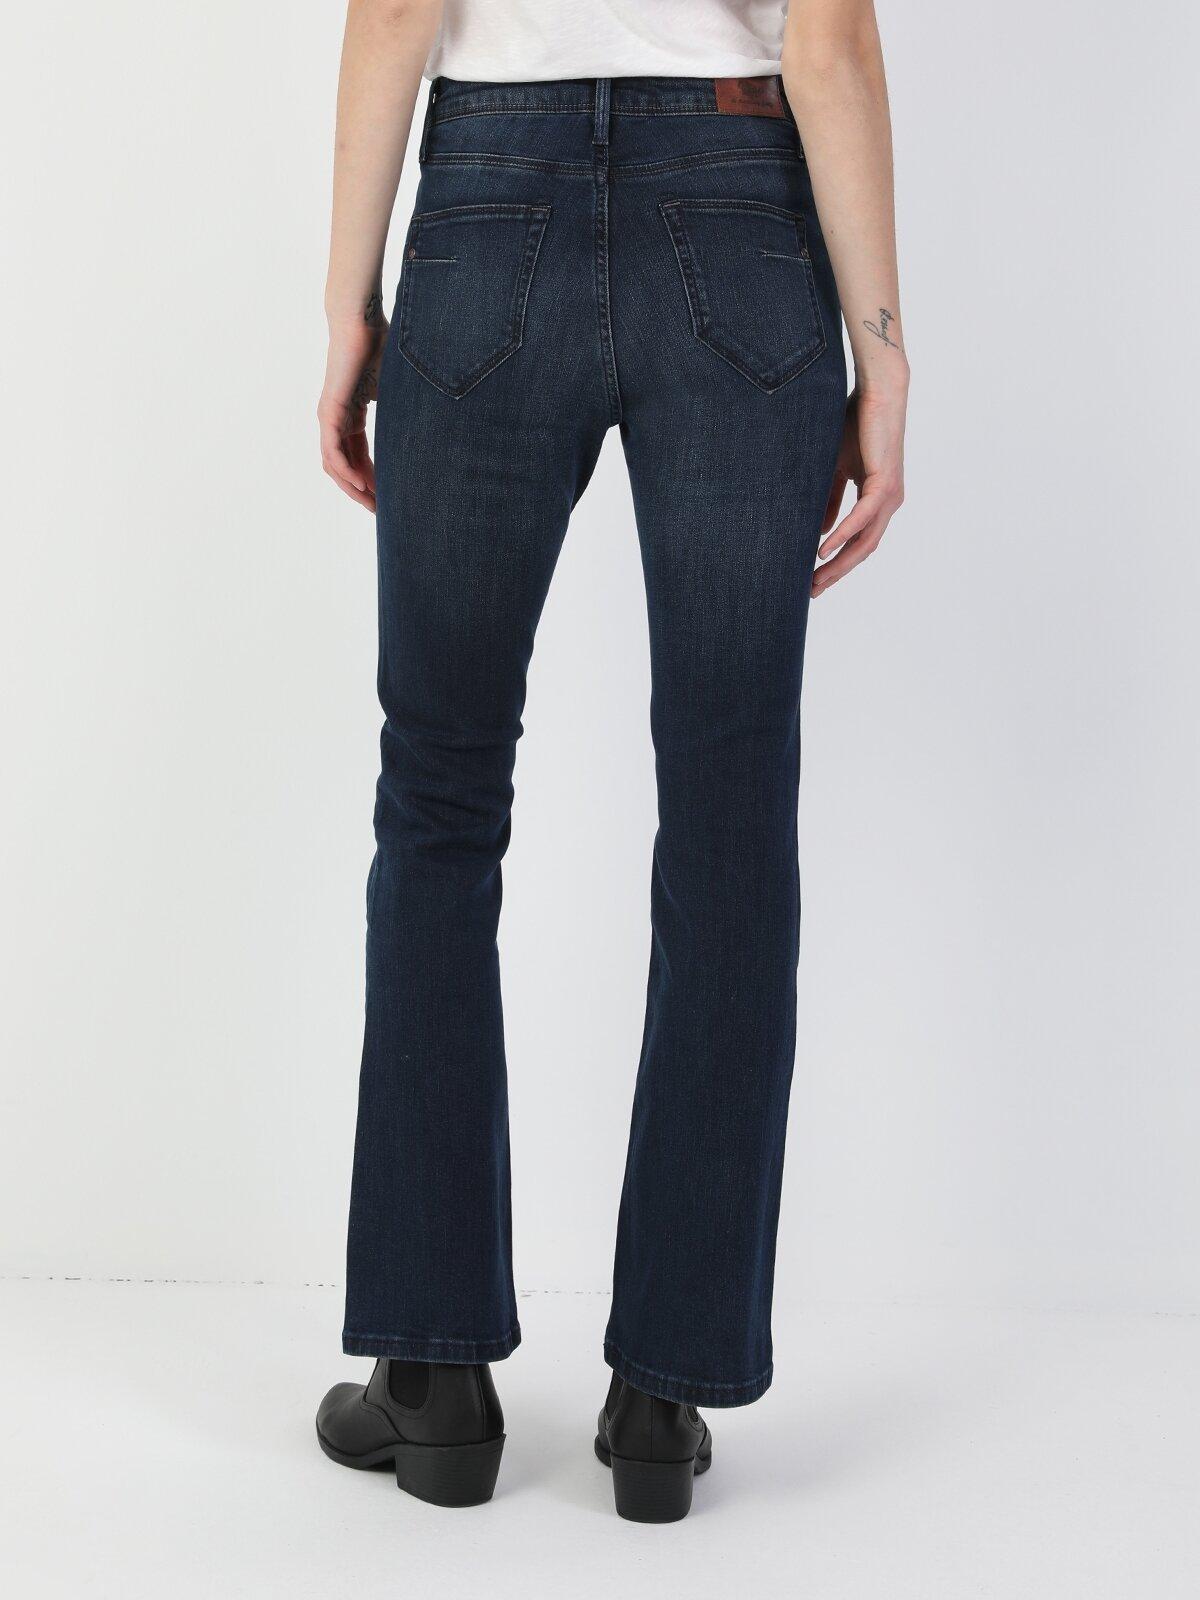 791 Monıca Orta Bel Rahat Paça Regular Fit Kadın Jean Pantolon